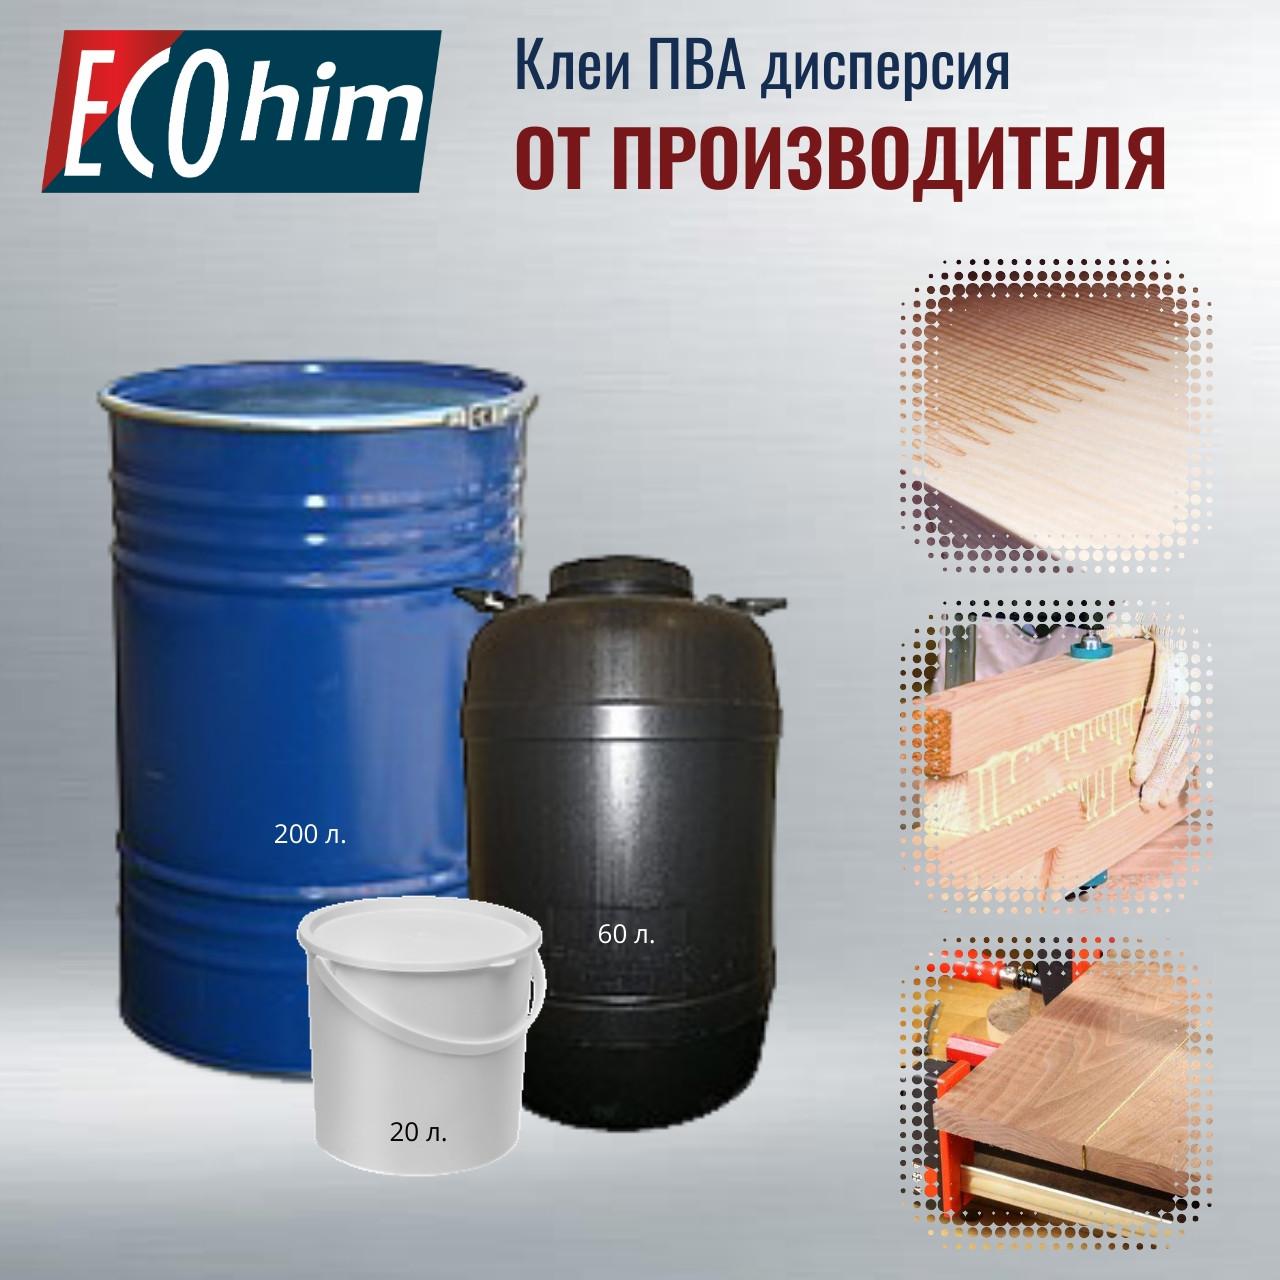 Клей ПВА дисперсия марка Д 51П пластифицированная оптом